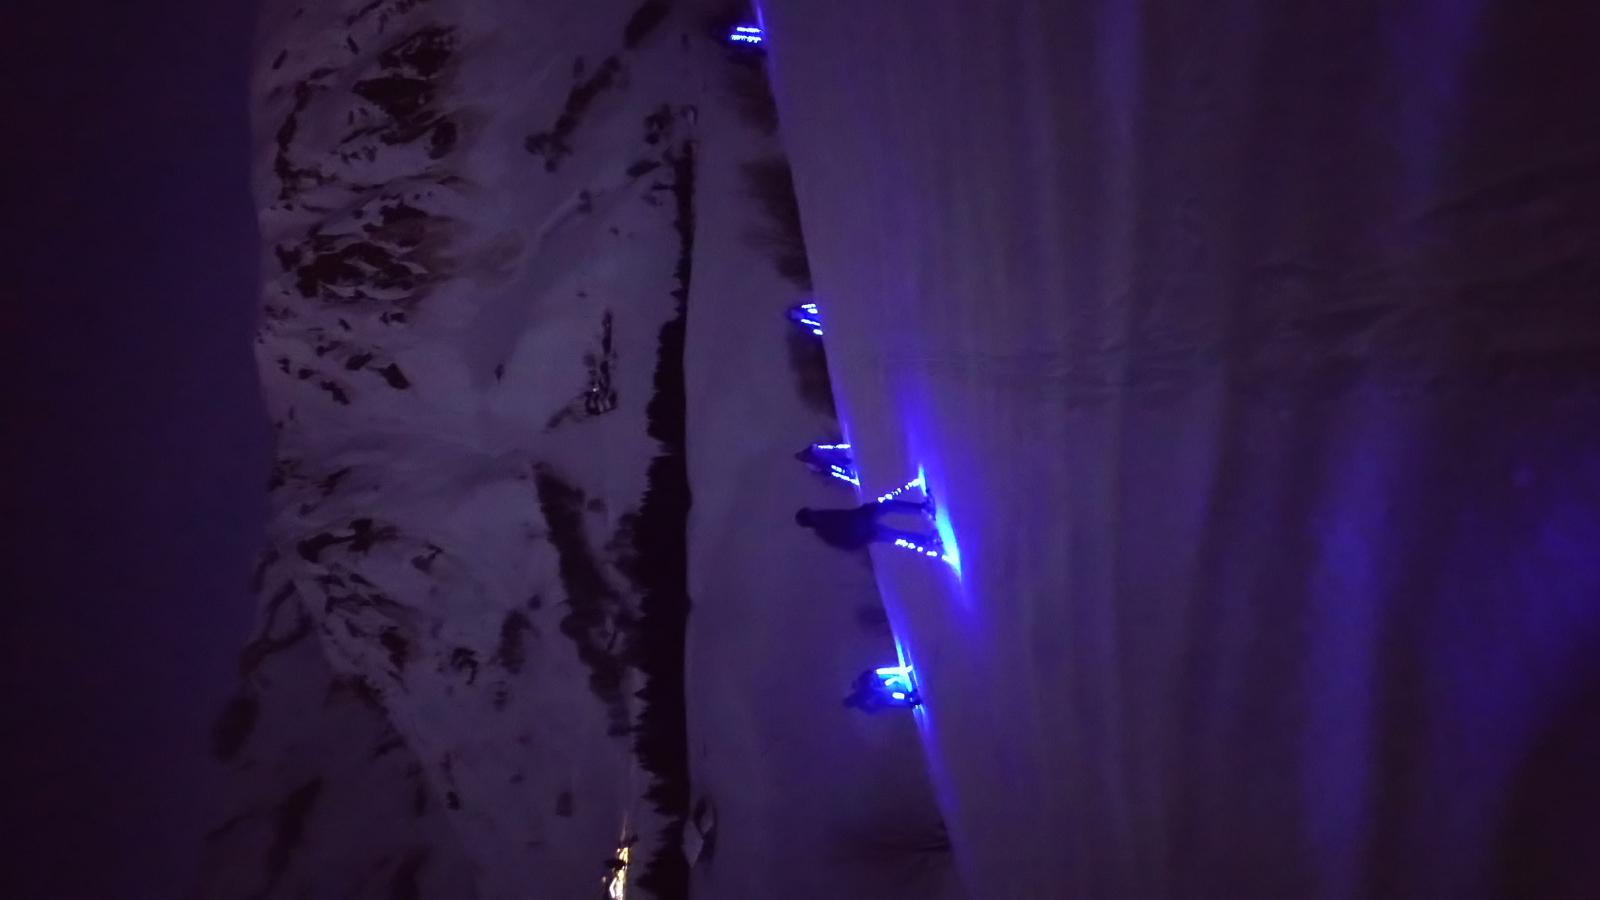 Randonnées en nocturne avec leds skis